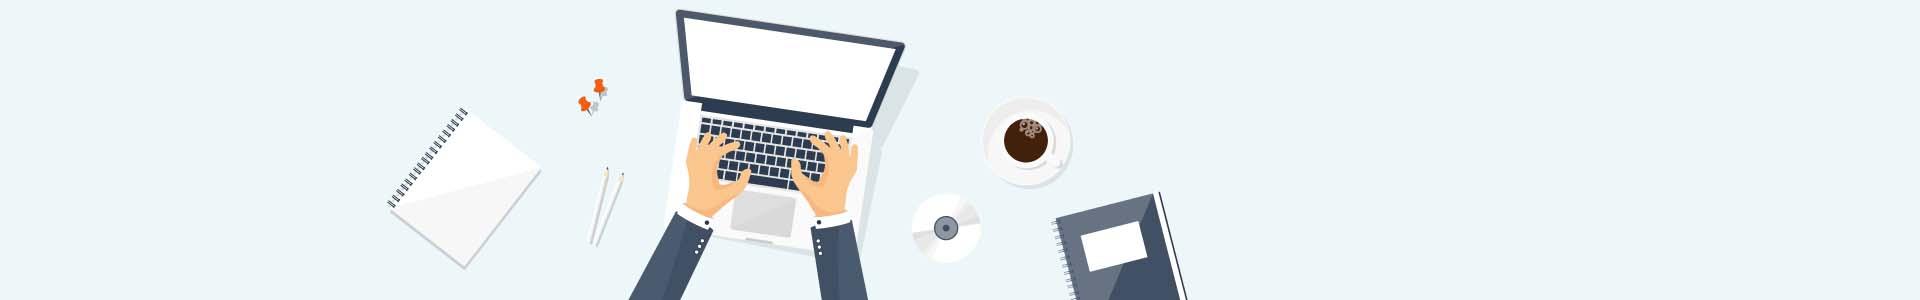 Bild: eine Person tippt am Laptop